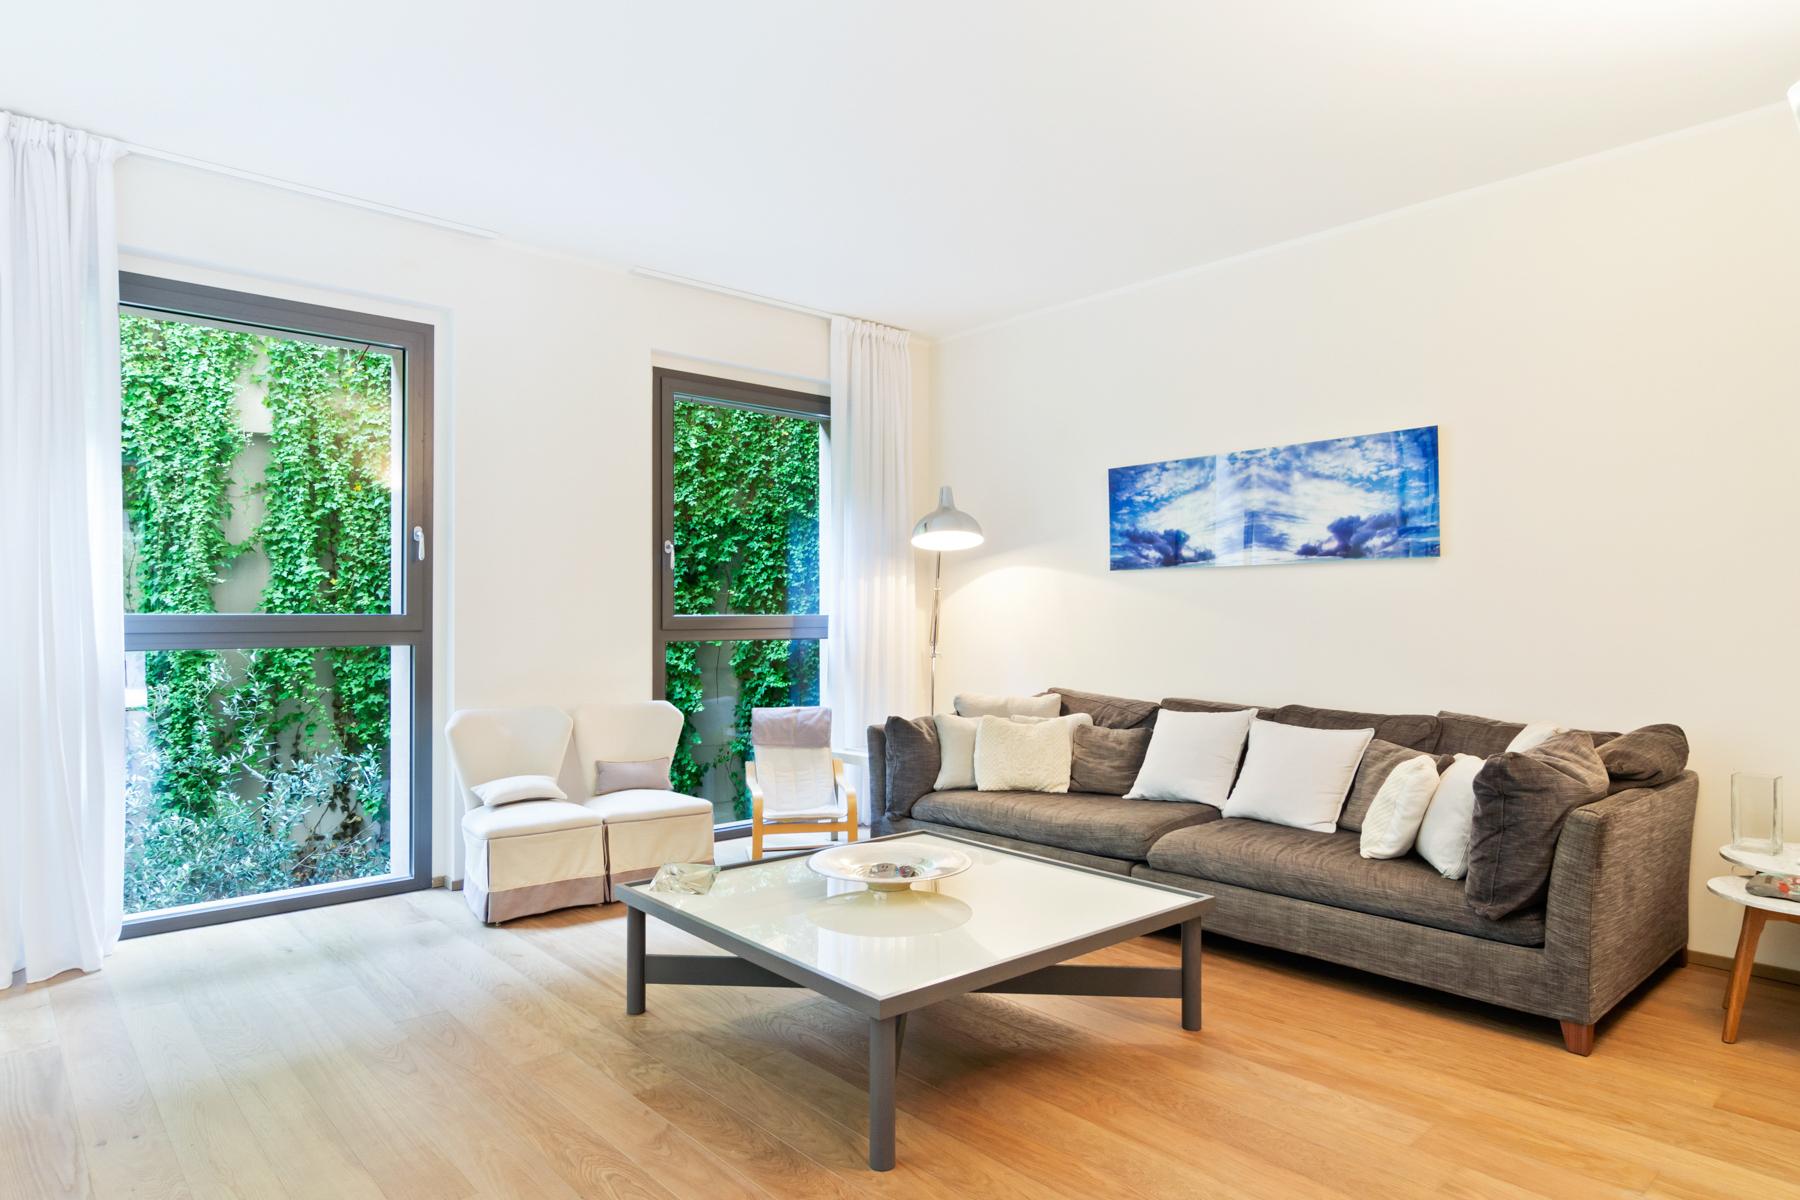 Appartamento in Vendita a Santa Margherita Ligure: 4 locali, 124 mq